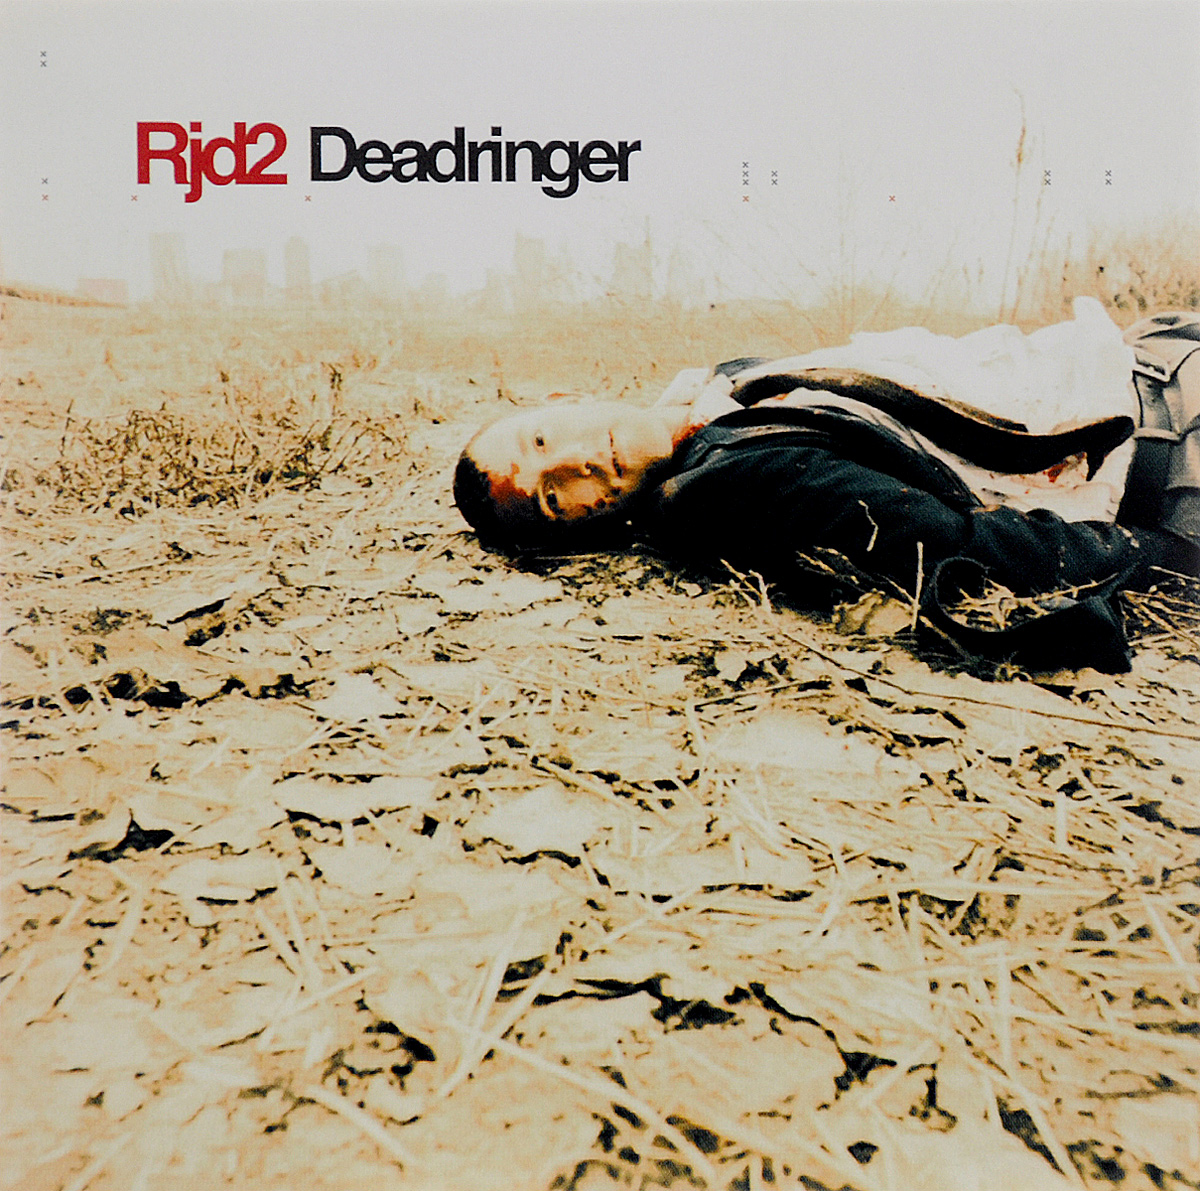 RJD2. Deadringer